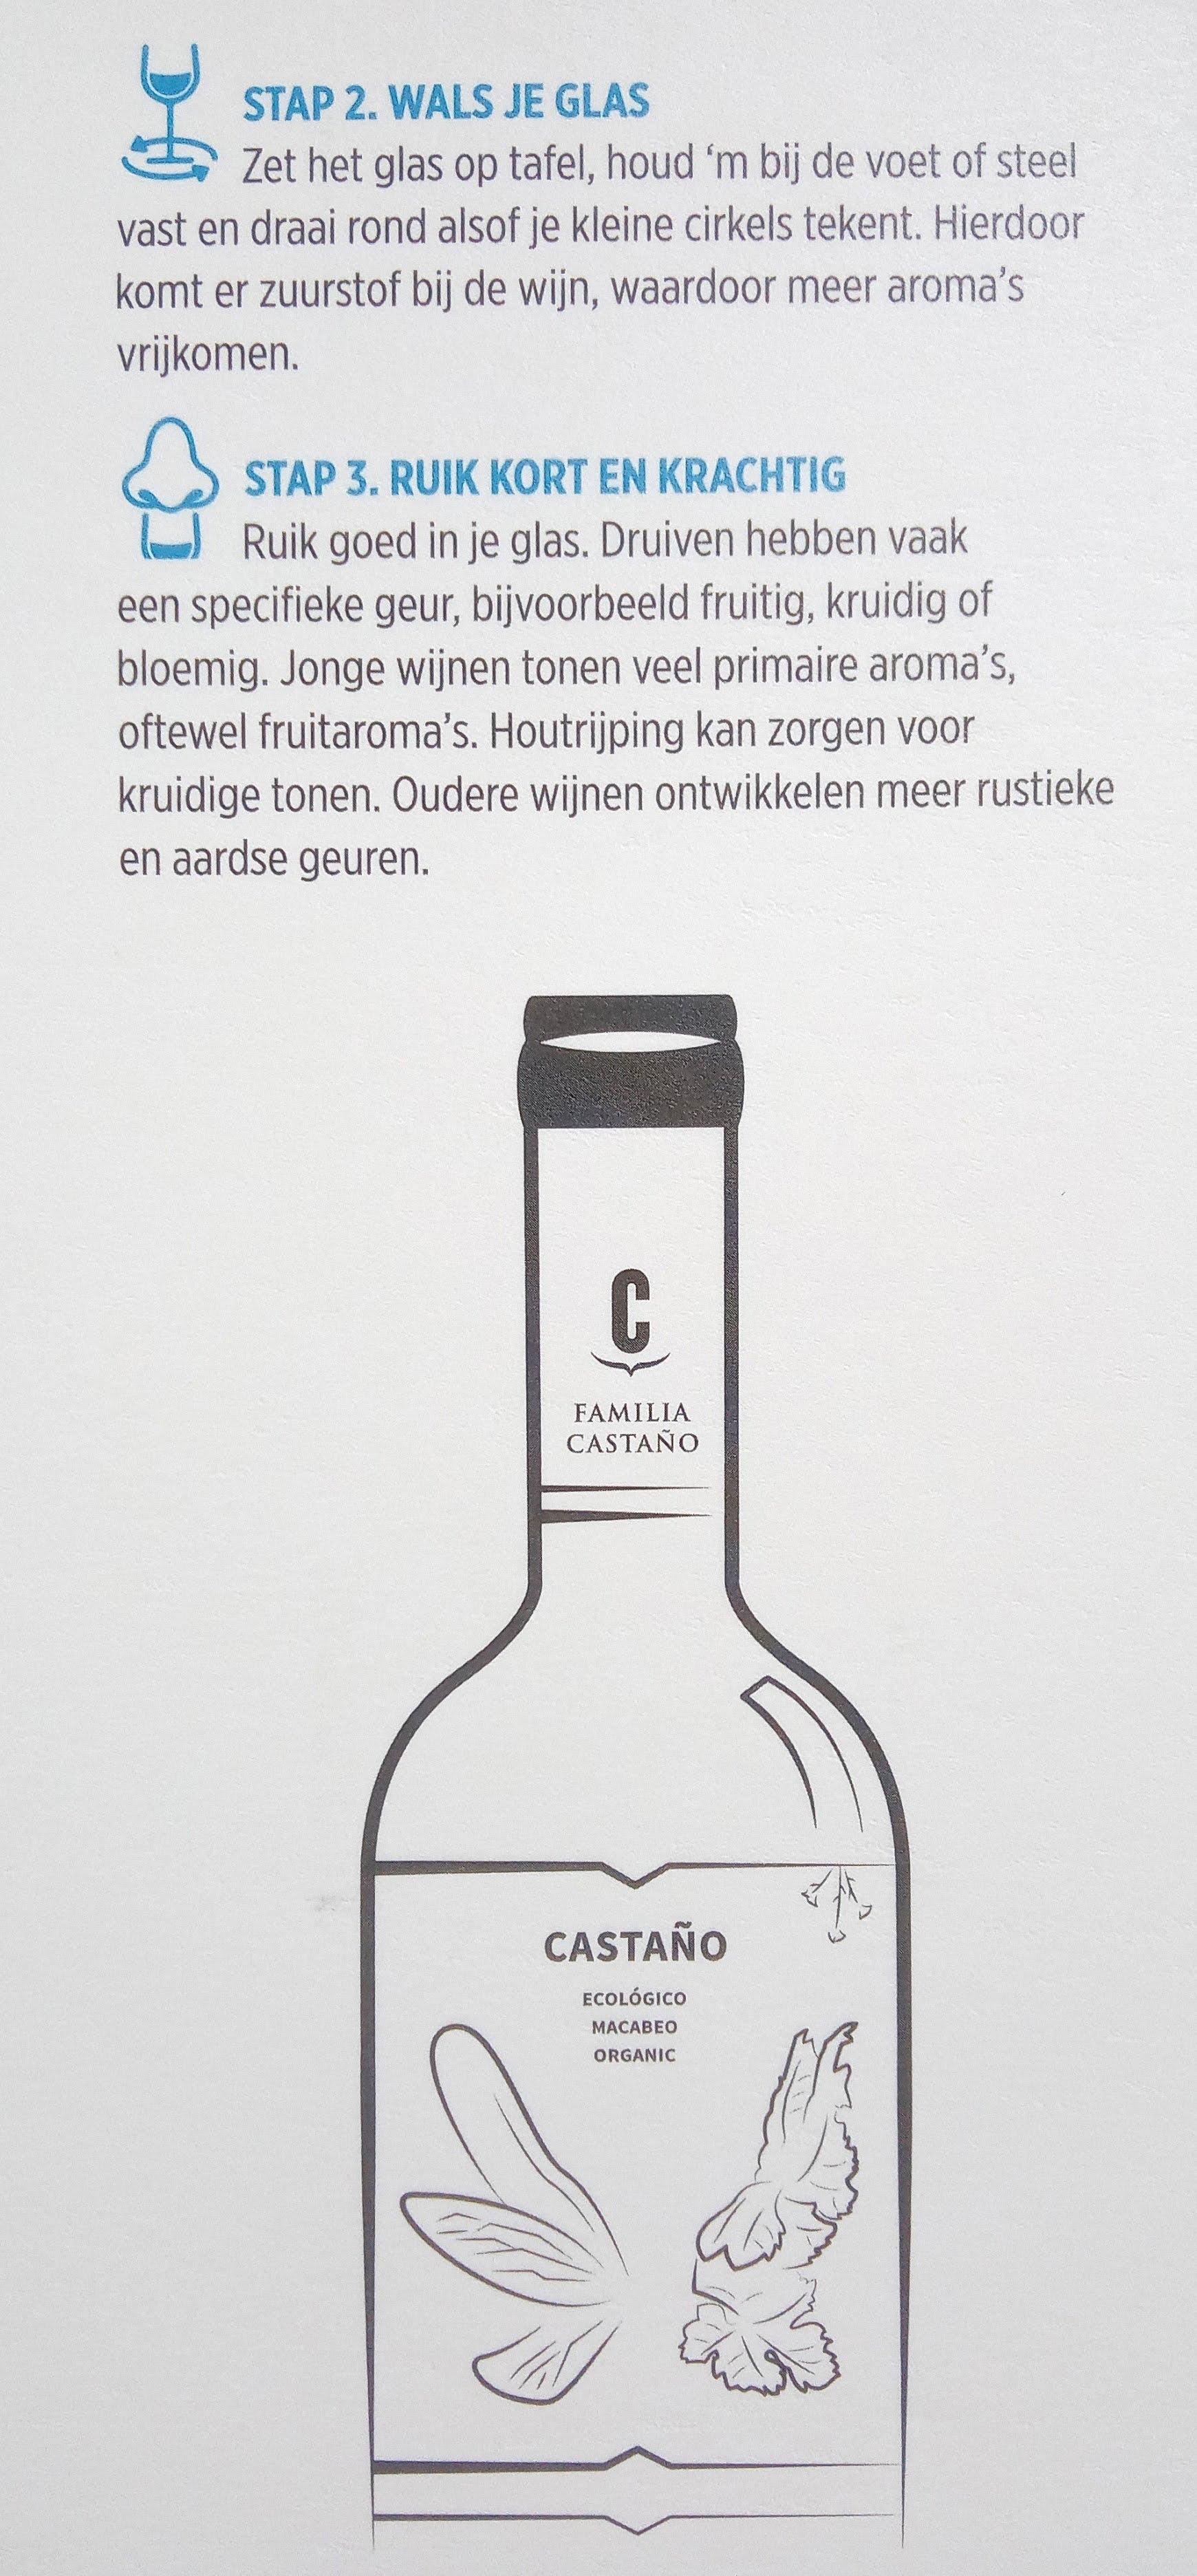 wijn drinken volgens albert heijn kijken en ruiken van wijn